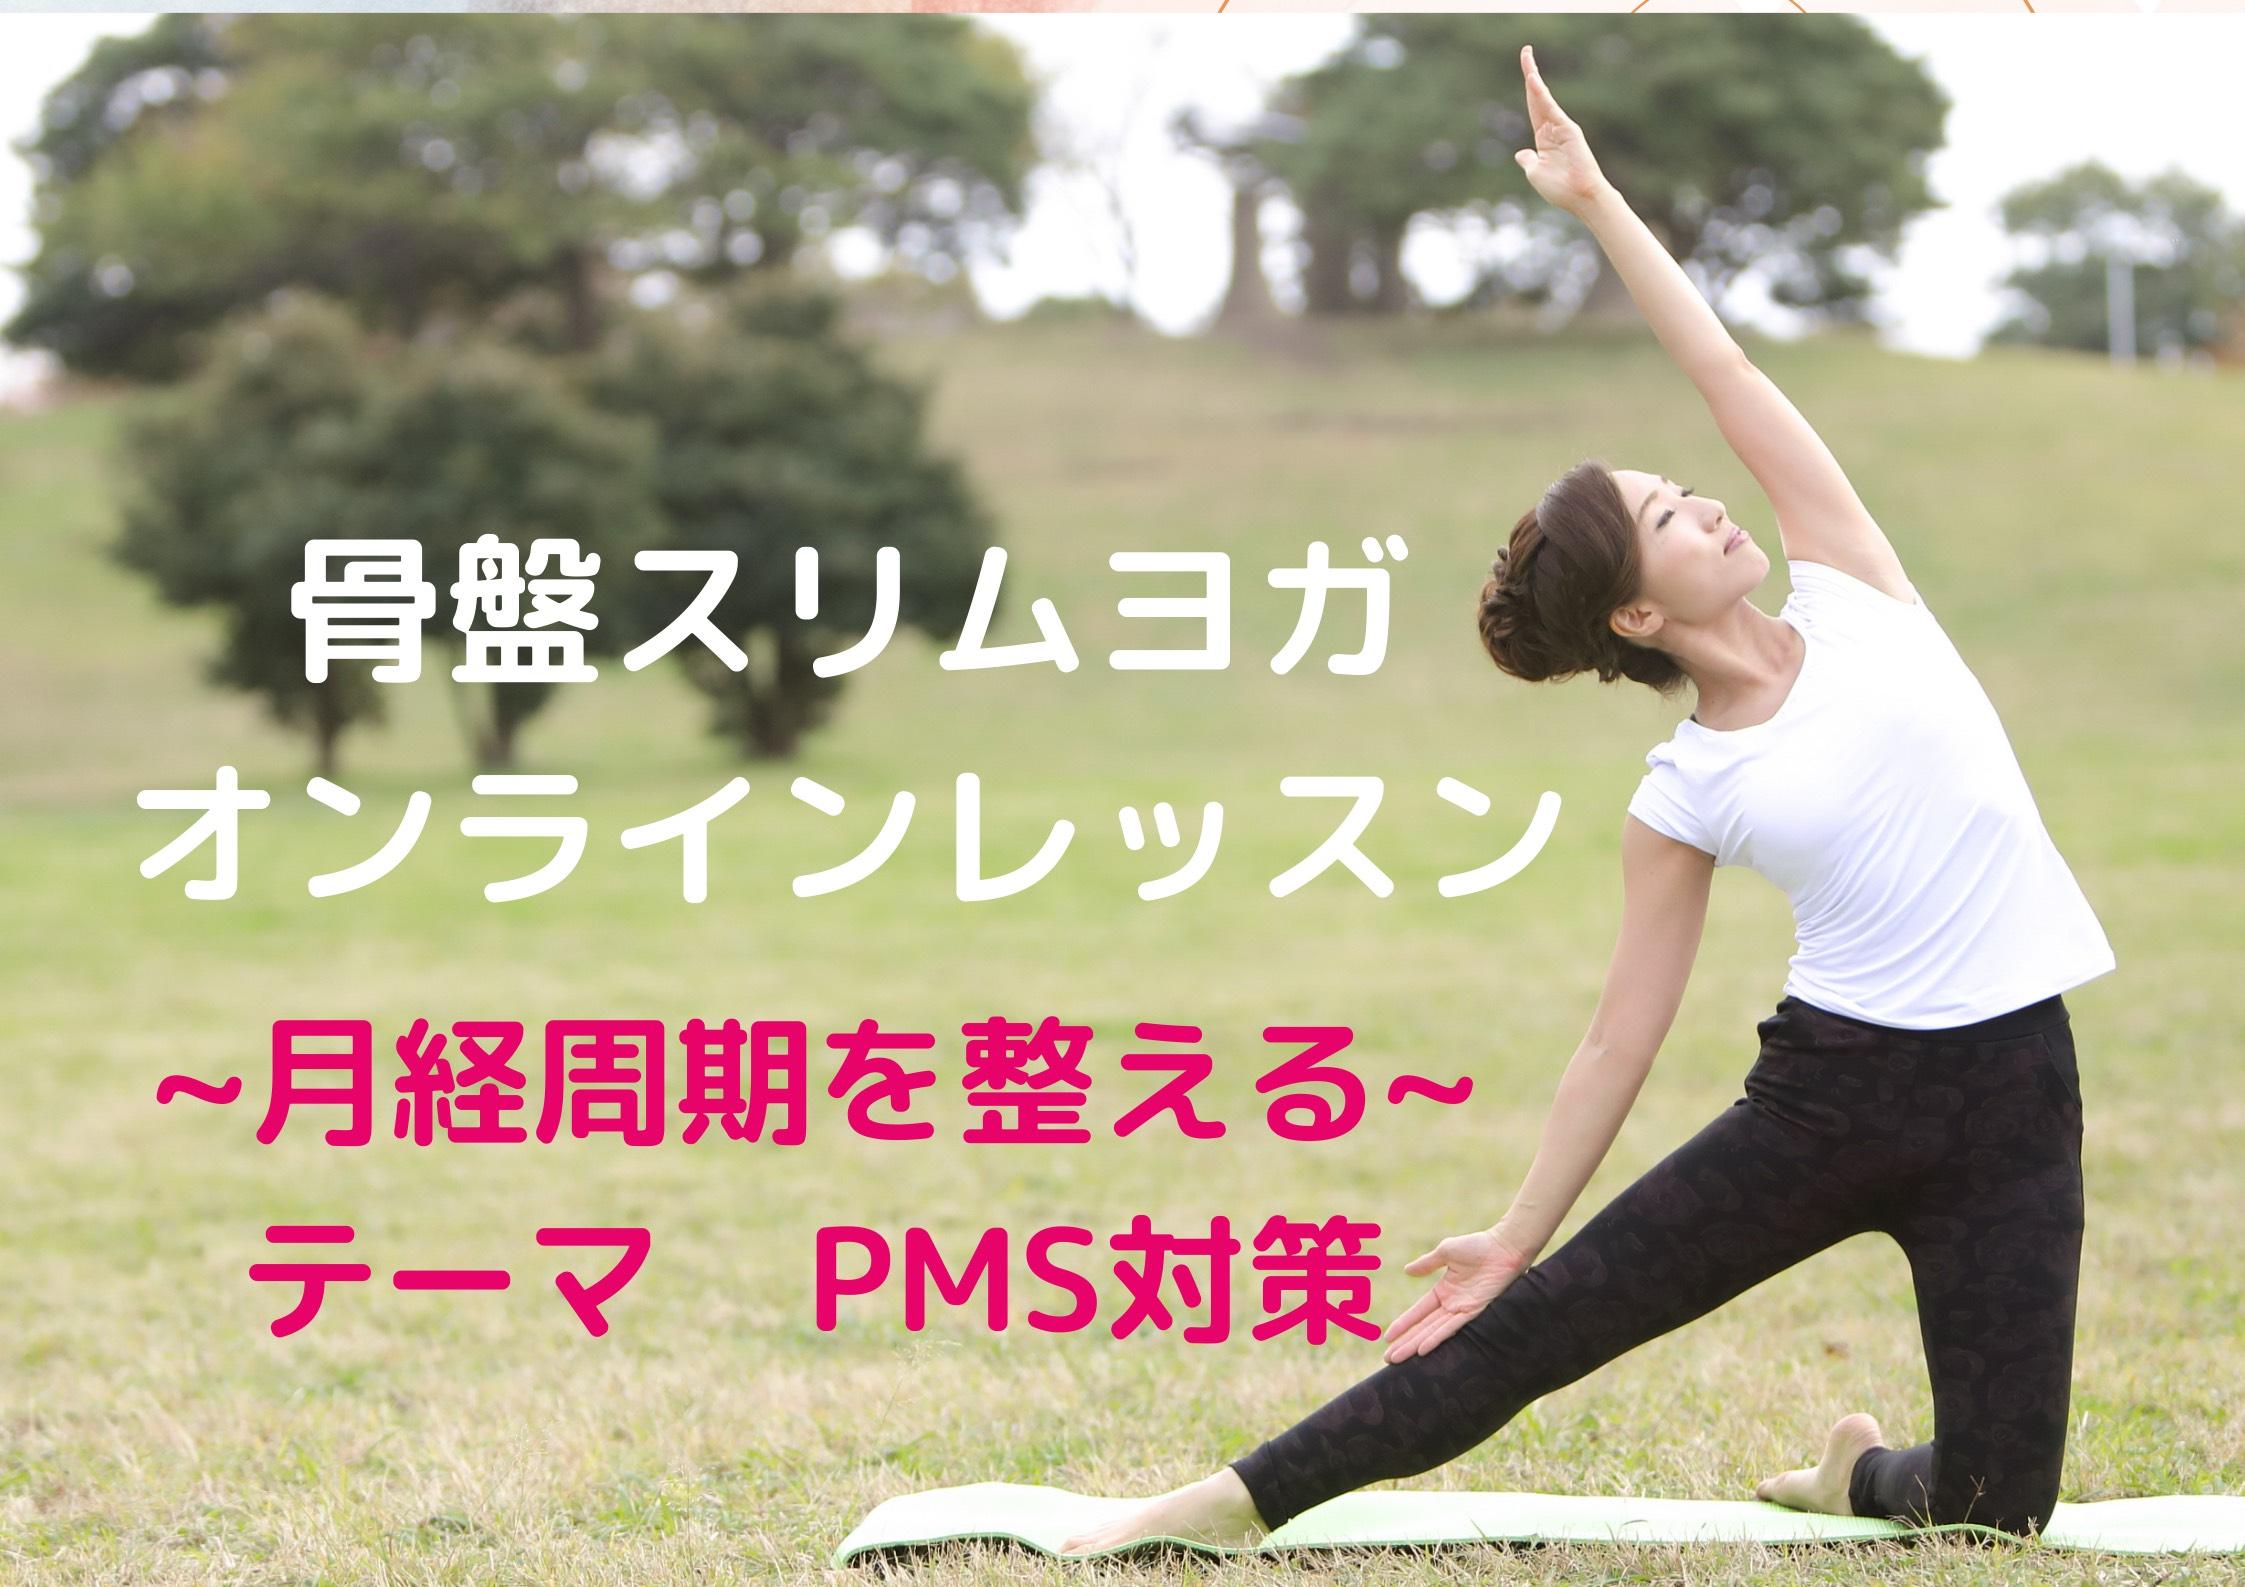 骨盤スリムヨガ~月経周期を整えるPMS対策~